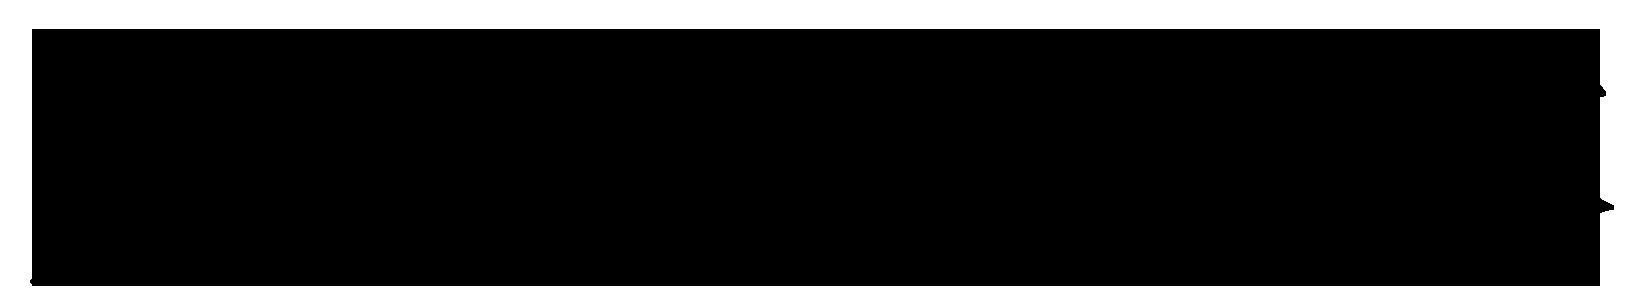 AR DabiaosongGB